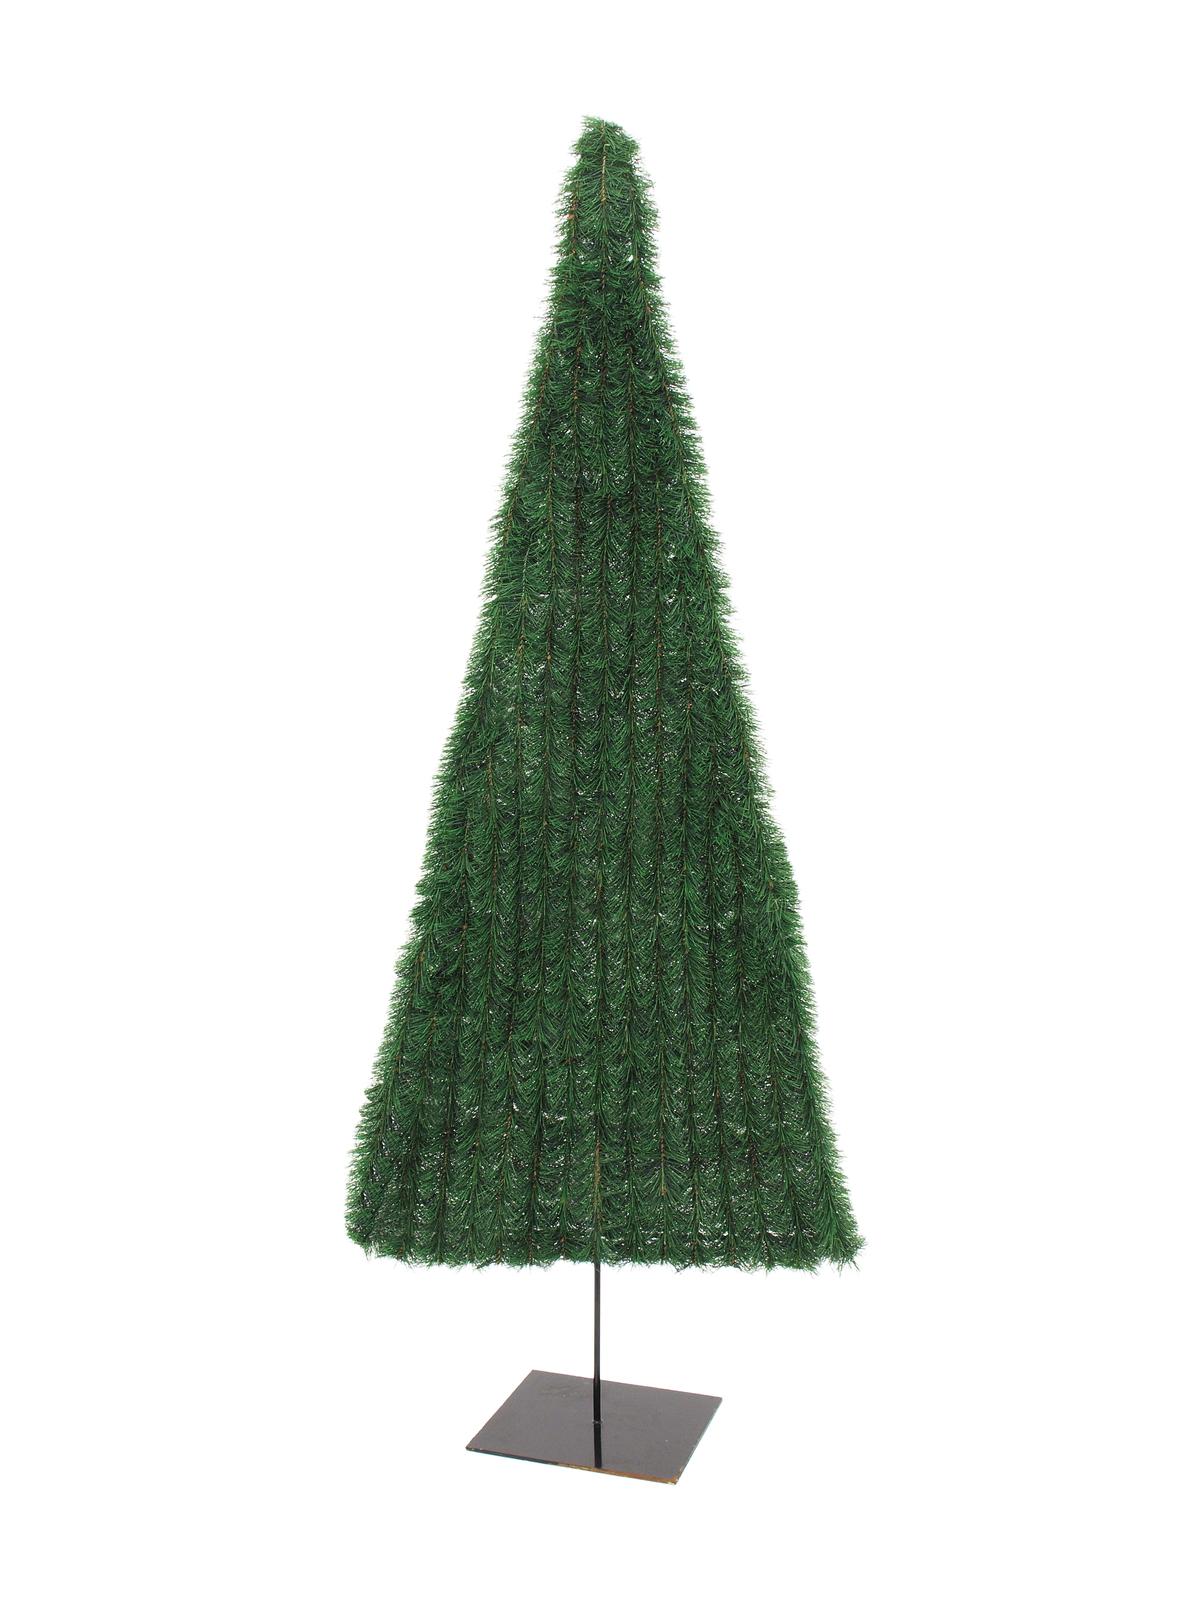 Jehličnan plochý, tmavě zelený, 180 cm